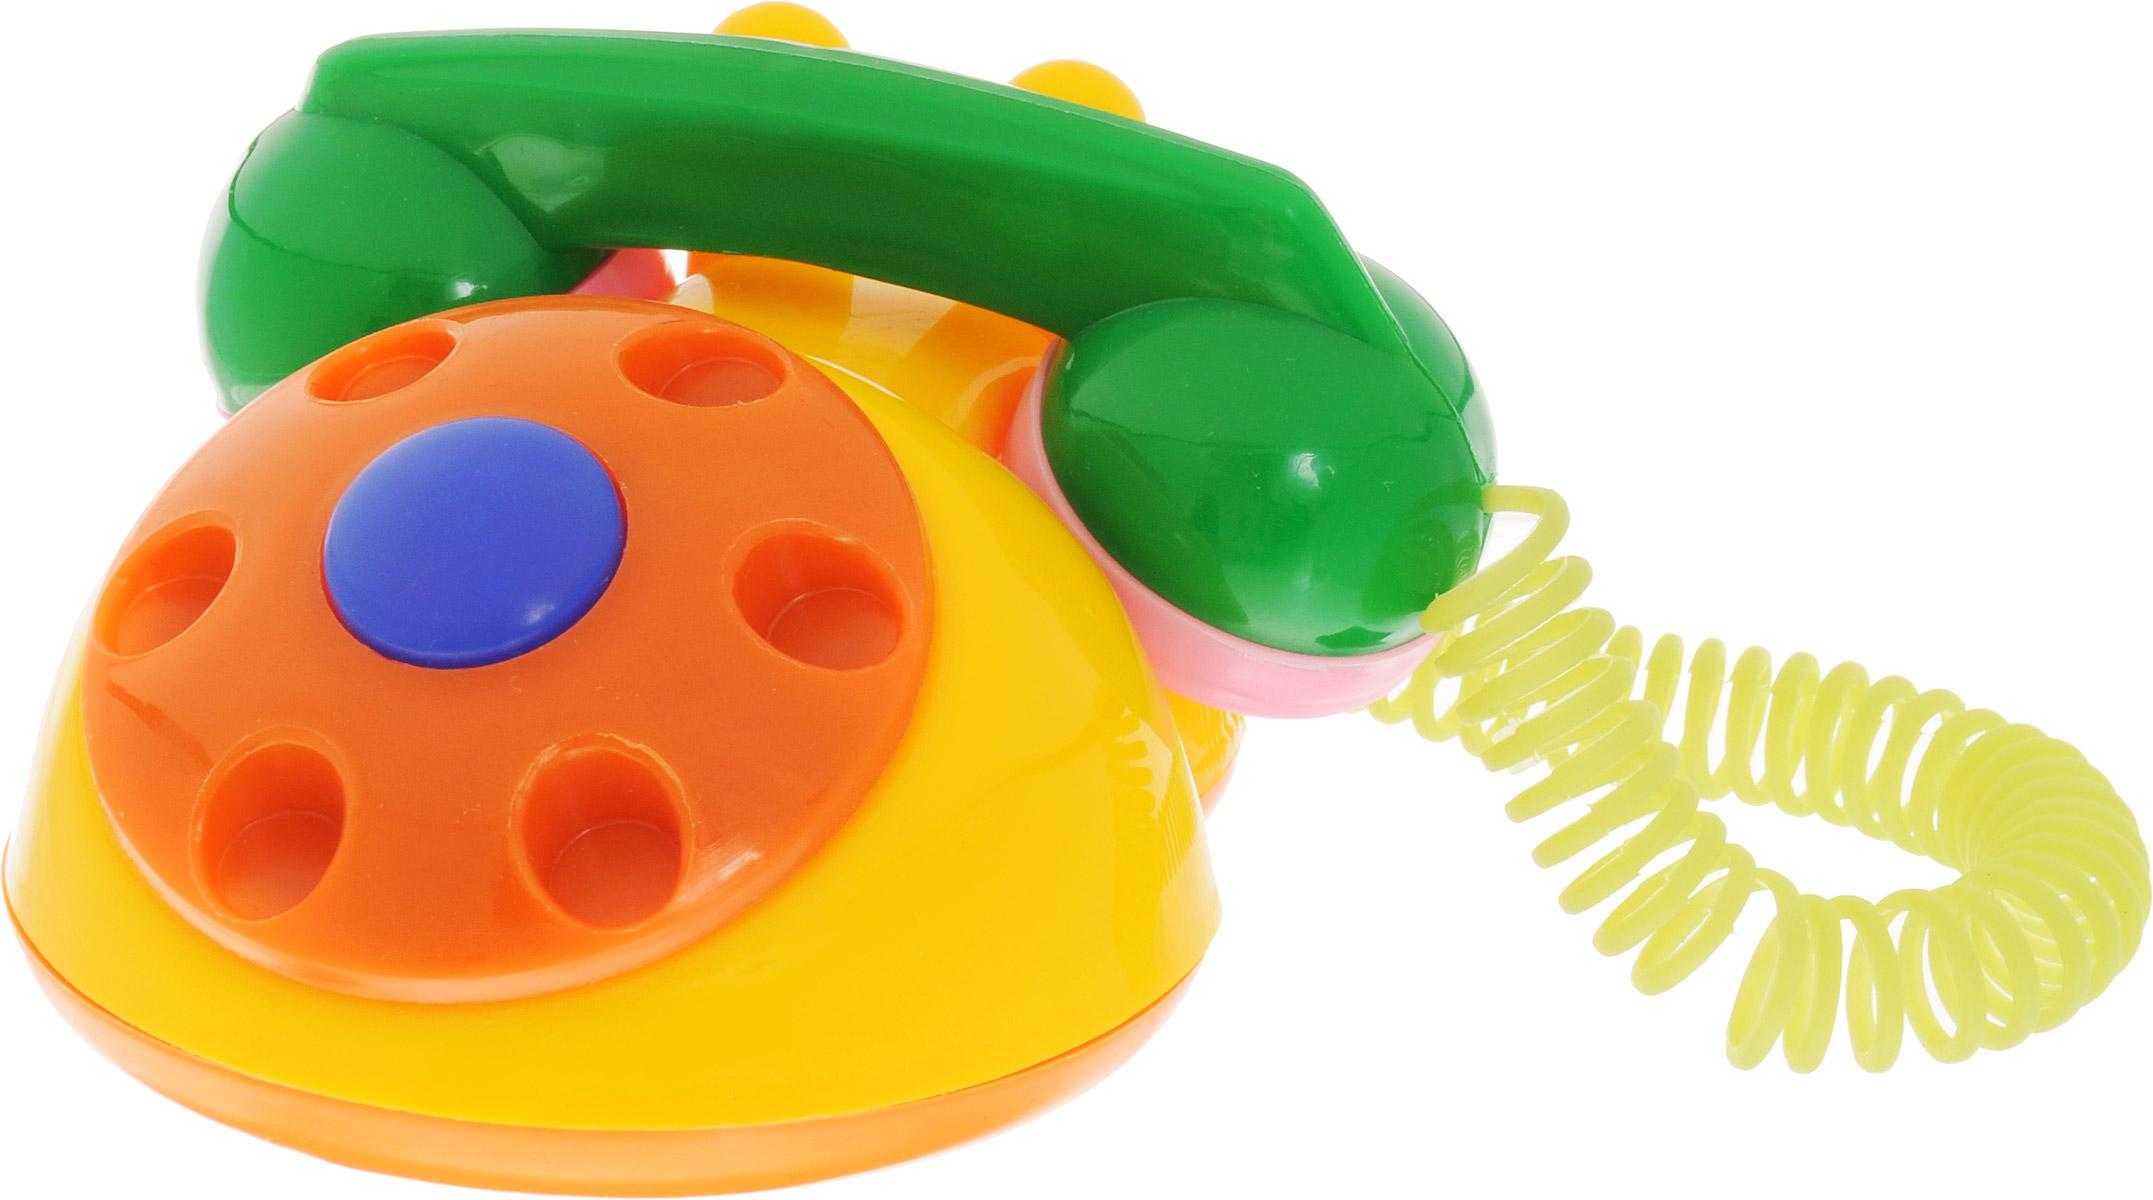 Аэлита Развивающая игрушка Телефон детский цвет желтый оранжевый2С454_жёлтый, оранжевыйРазвивающая игрушка Аэлита Телефон детский изготовлена при участии детских врачей и педагогов, с учетом требований Роспотребнадзора РФ. По форме и цветовому оформлению игрушка идеально подходит для детских ручек и цветовосприятия ребенка. Играя с этим телефоном, ваш ребенок не только будет испытывать радость, но и научится познавать окружающий мир. В процессе игры развиваются слух, мышление, внимание, цветовое восприятие, координация движений и хватательный рефлекс.